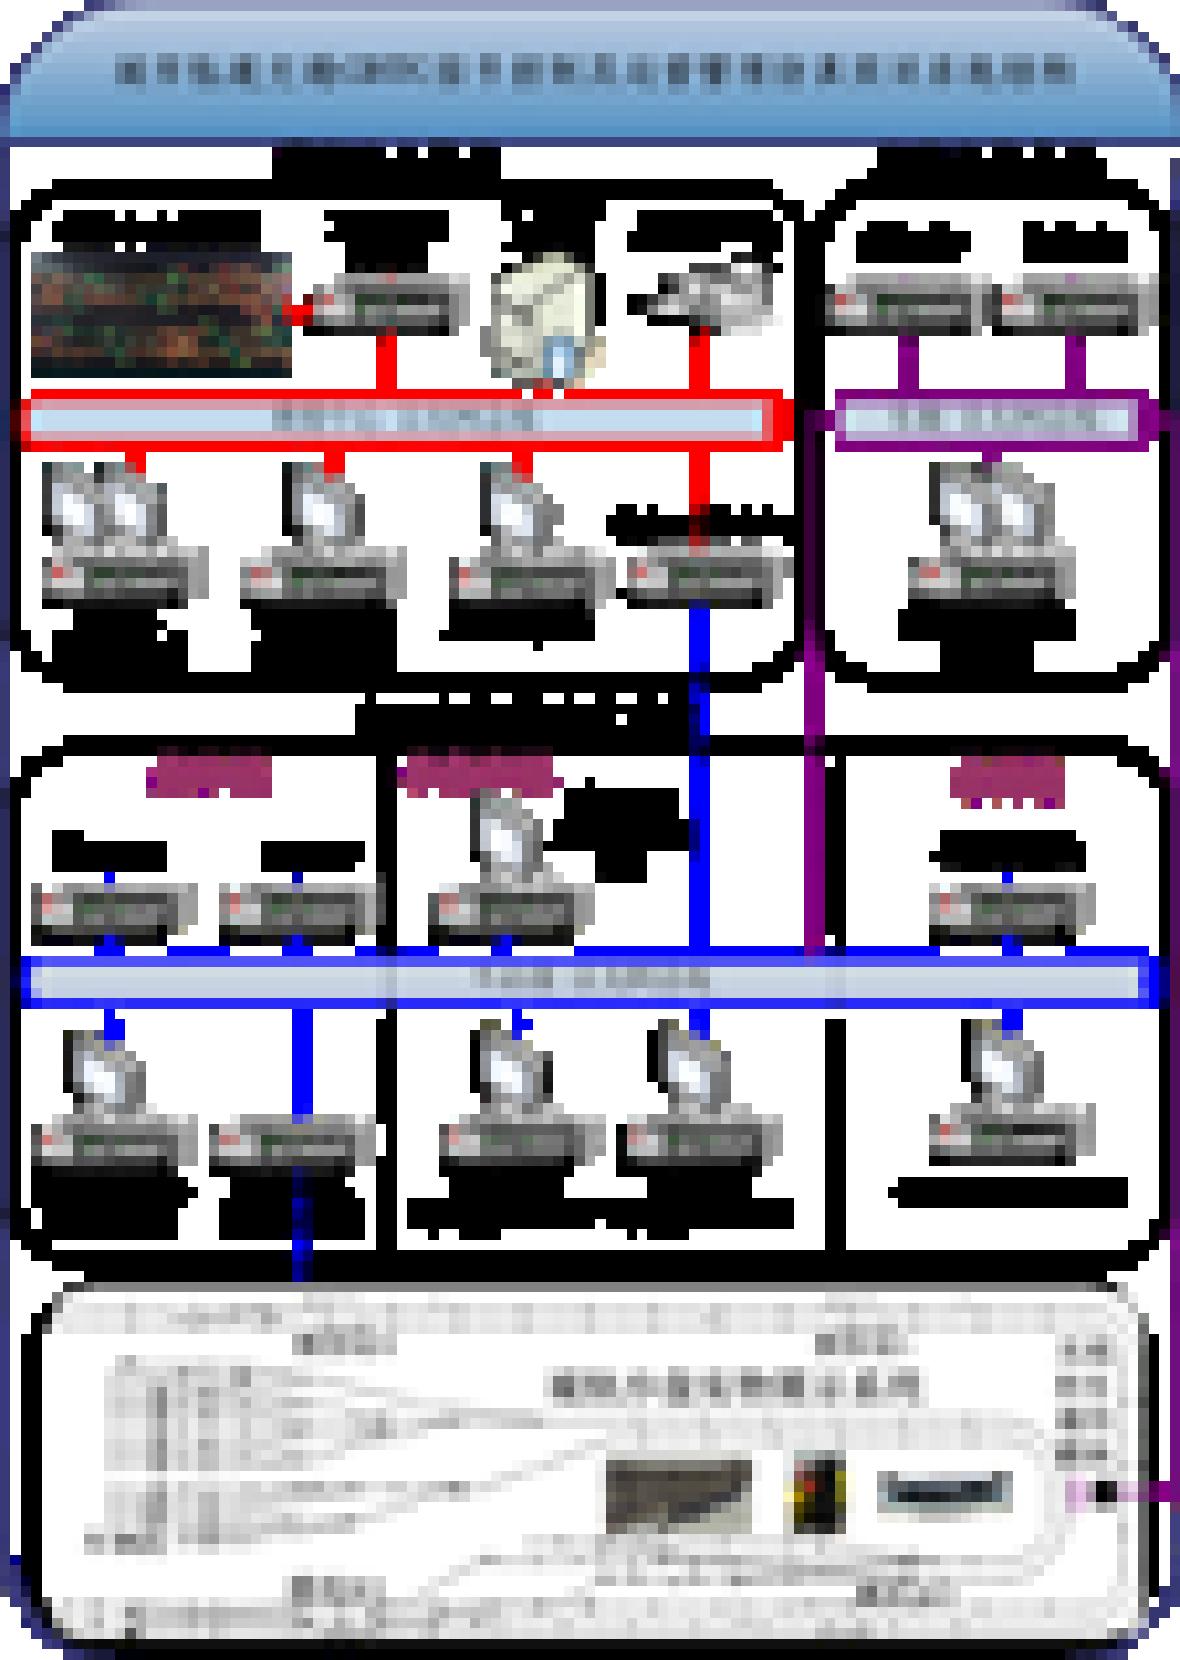 城市轨道交通综合仿真wwwlehu8vip系统 一、城市轨道交通信号控制及运营管理仿真wwwlehu8vip系统